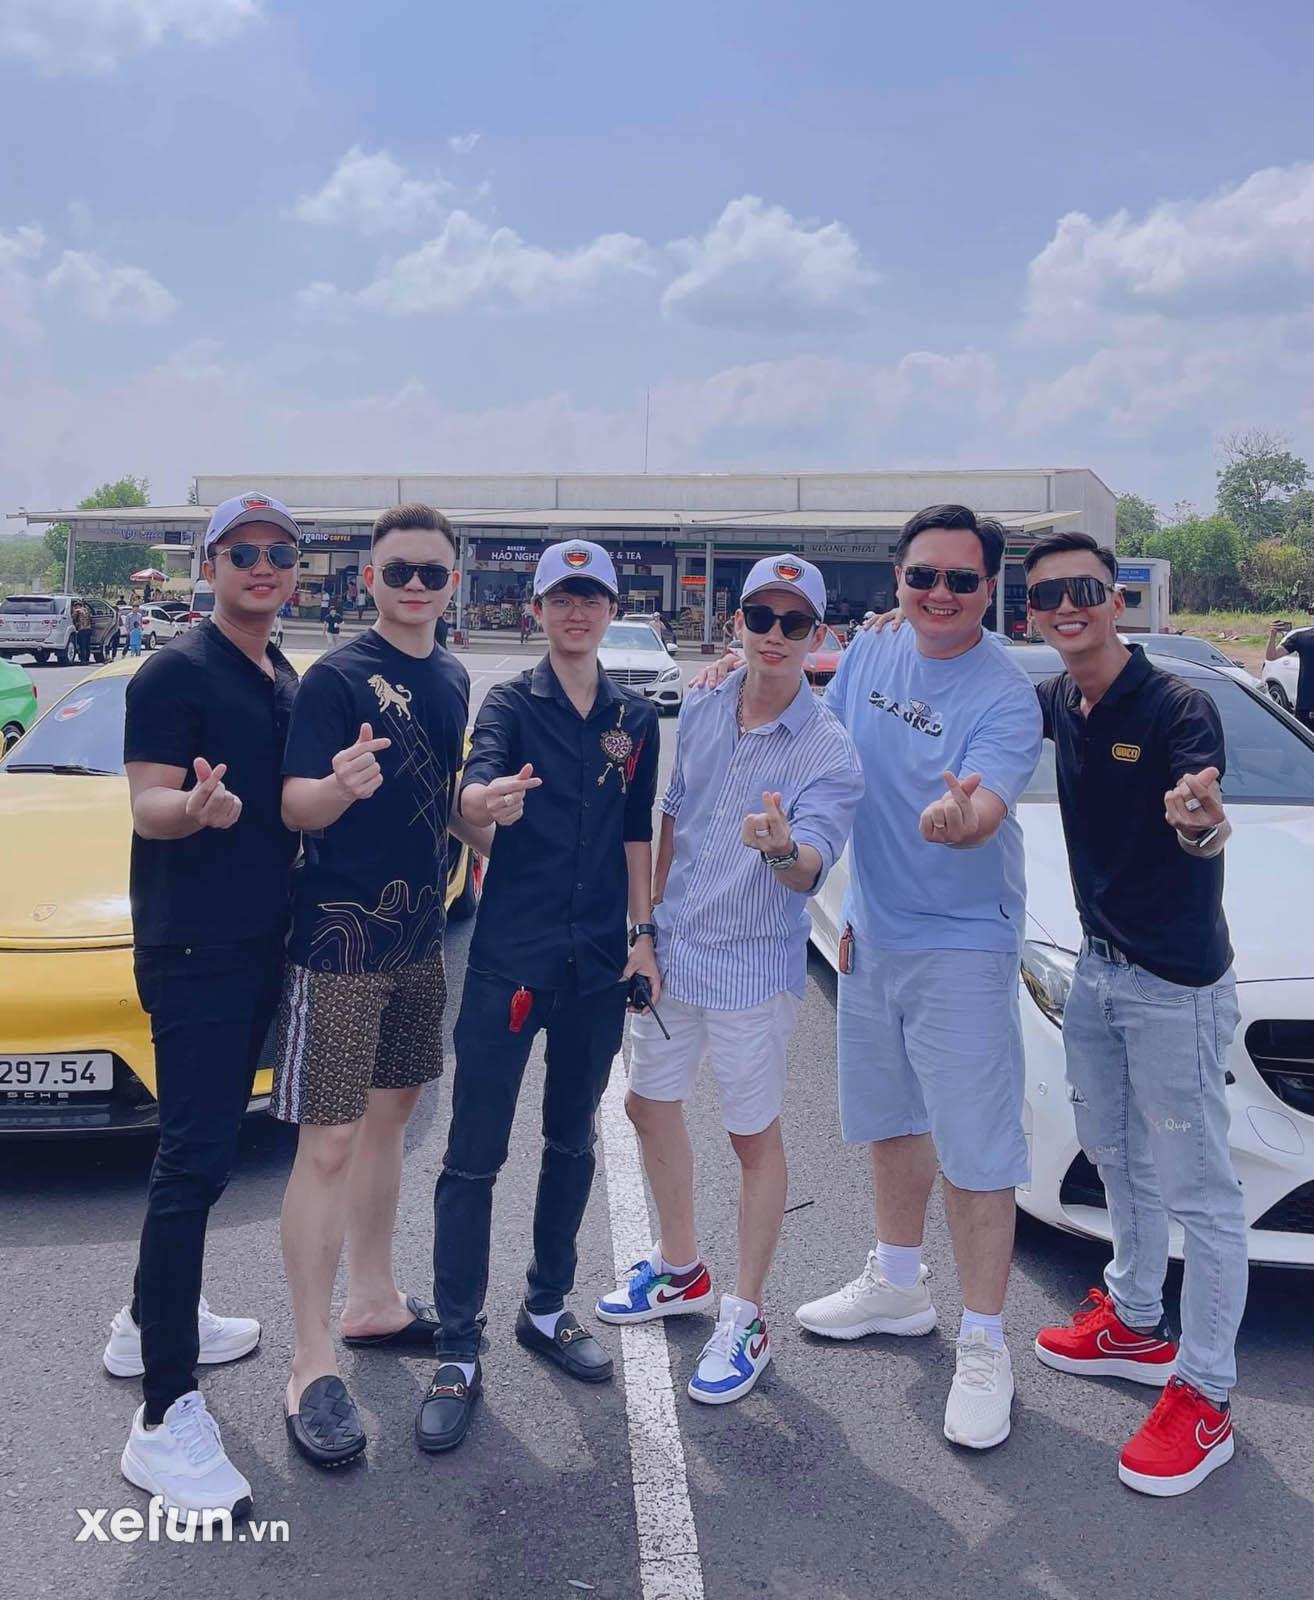 Summer Trip Mãn nhãn với dàn siêu xe tiền tỷ tại buổi offline của Hội Yêu Xe Đức Xefun - 254654